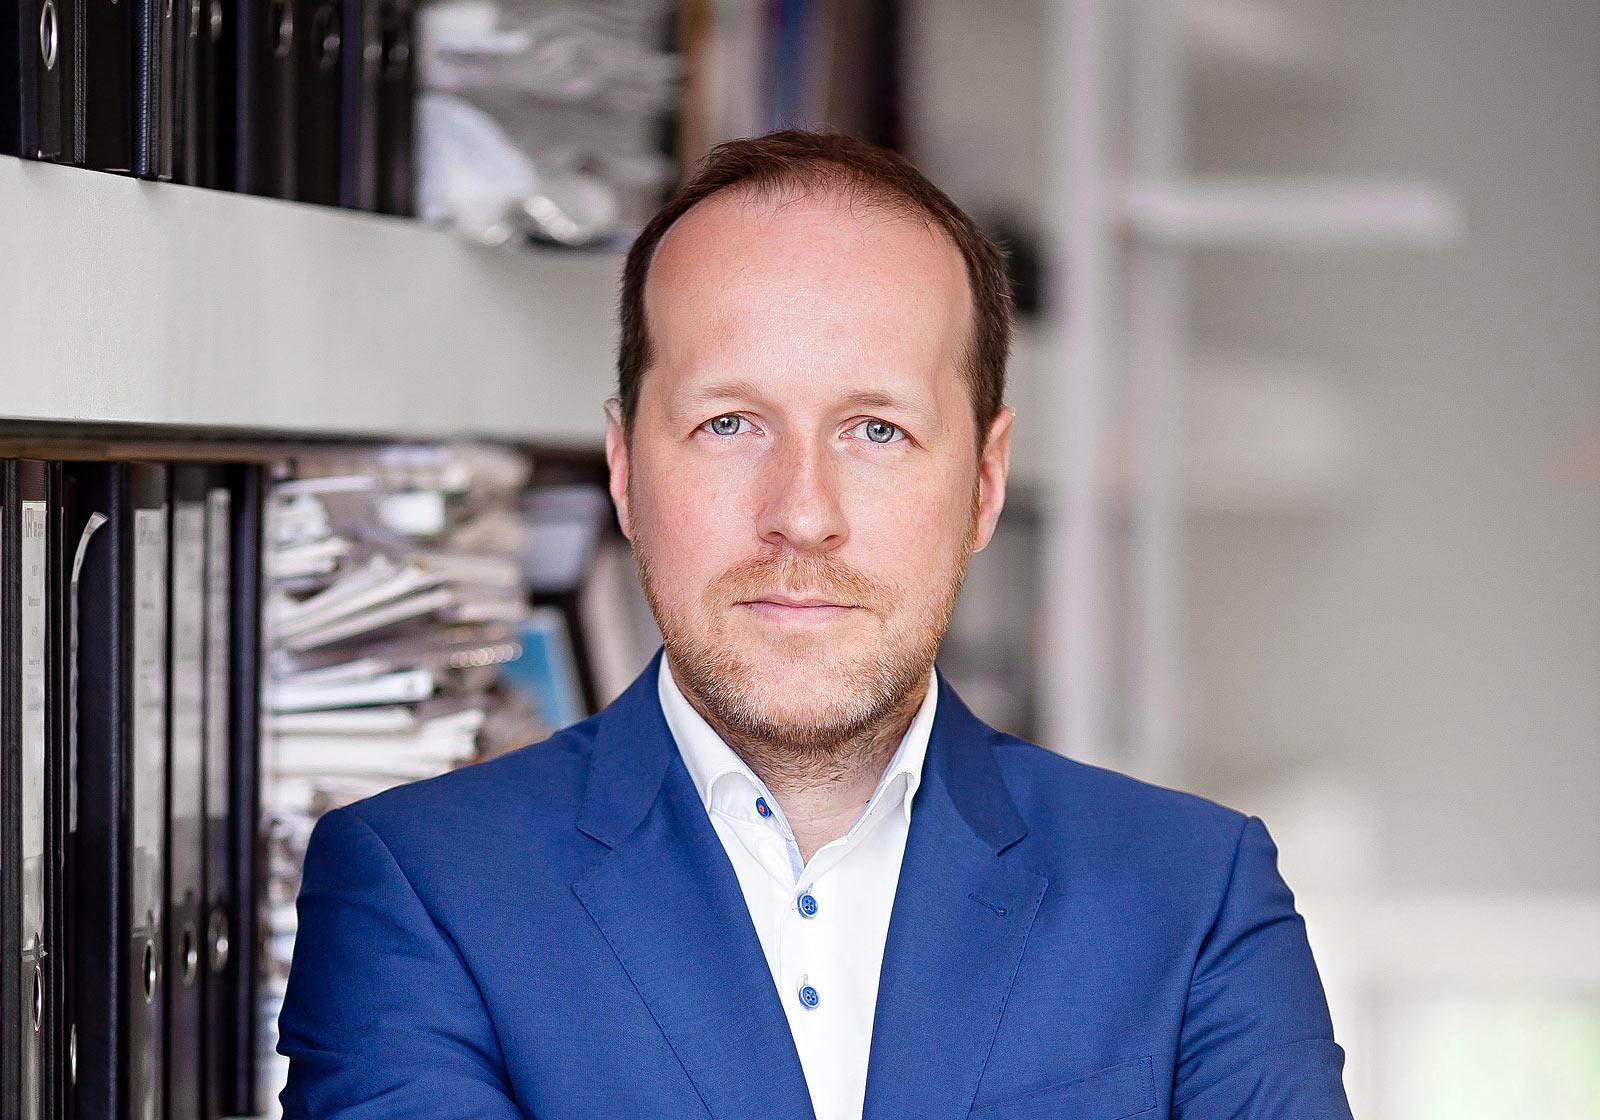 Vladimir Horton